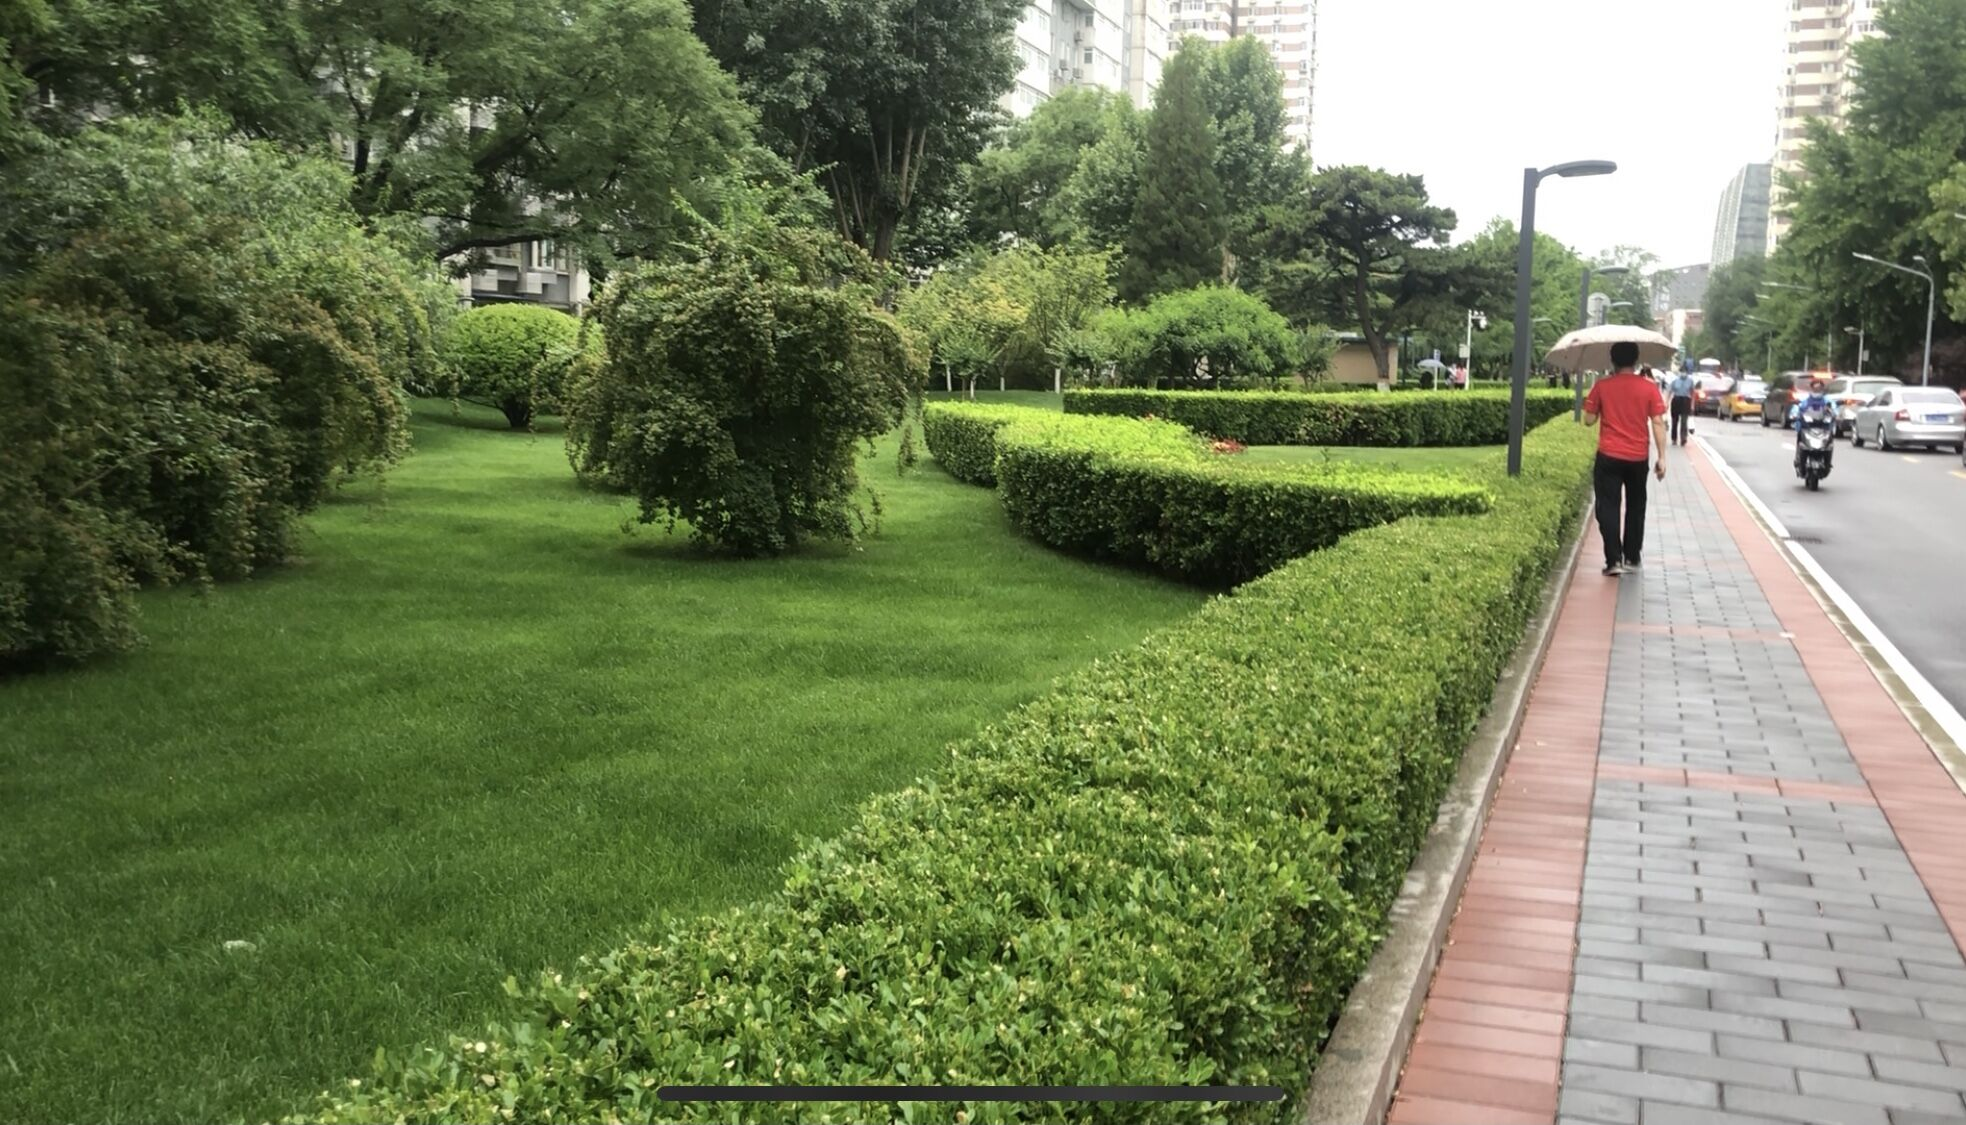 雨沒下完!北京降雨將持續至明晨